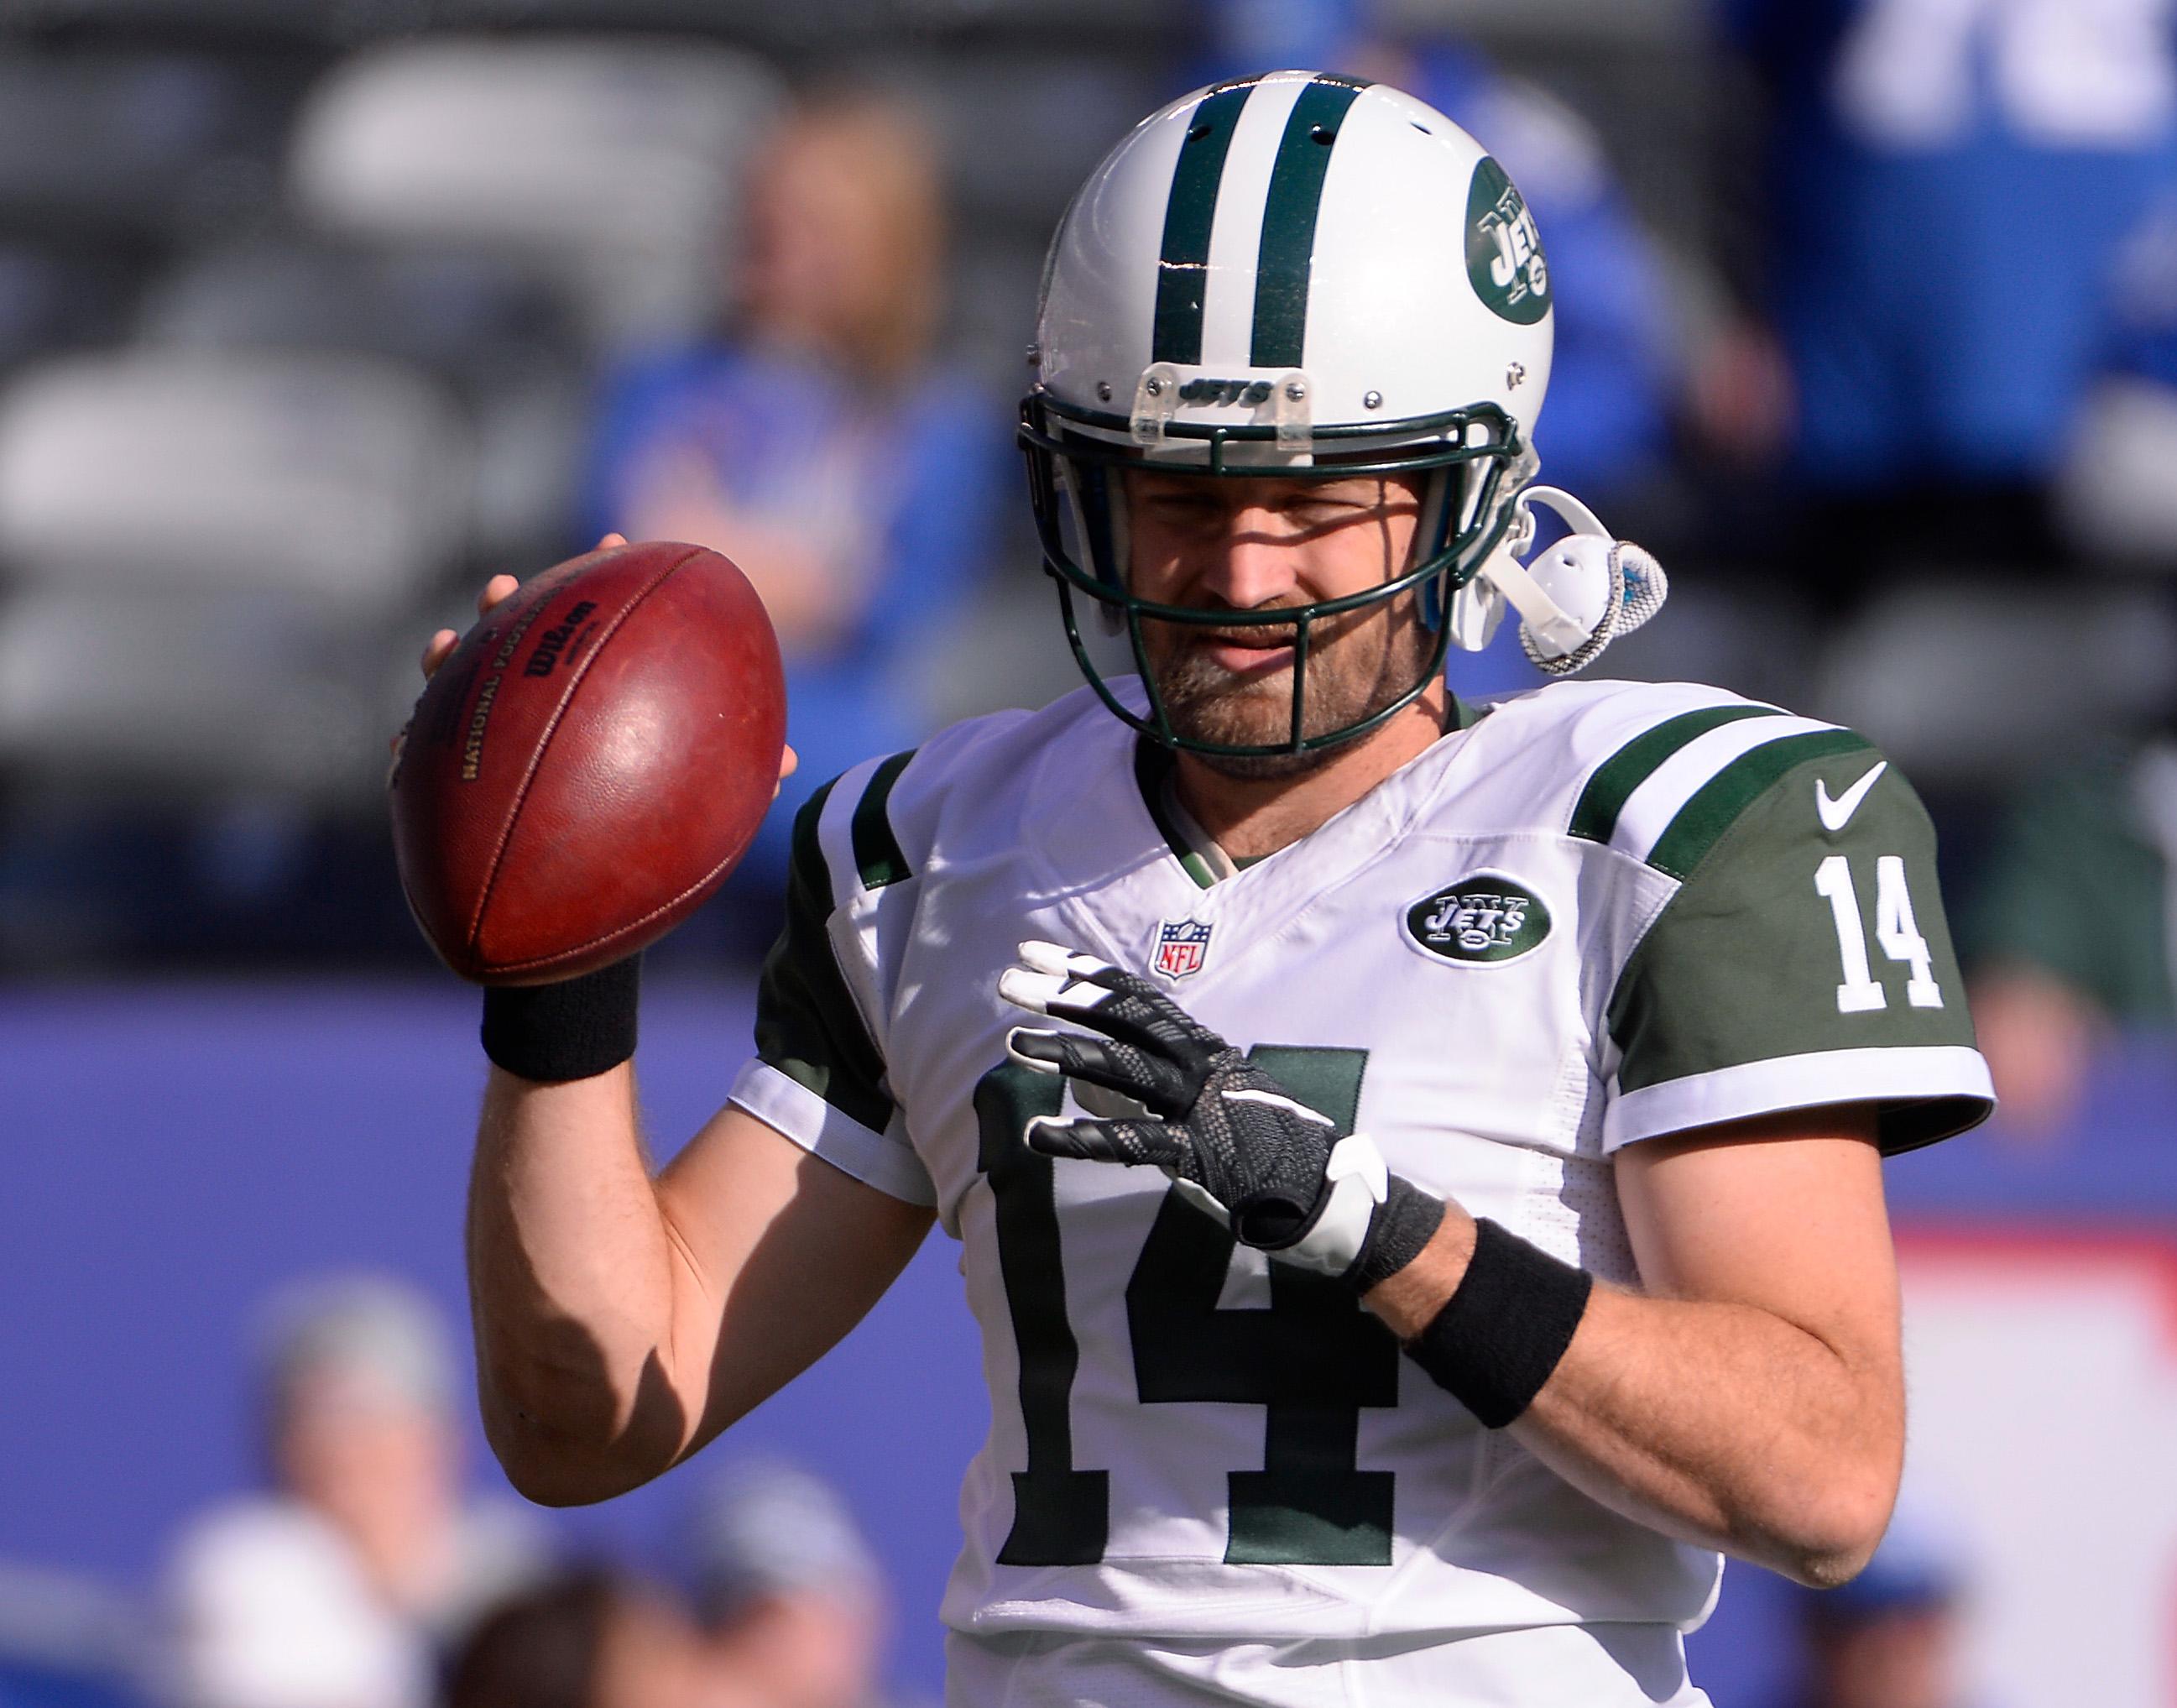 Jets quarterback Ryan Fitzpatrick warms up on Sunday